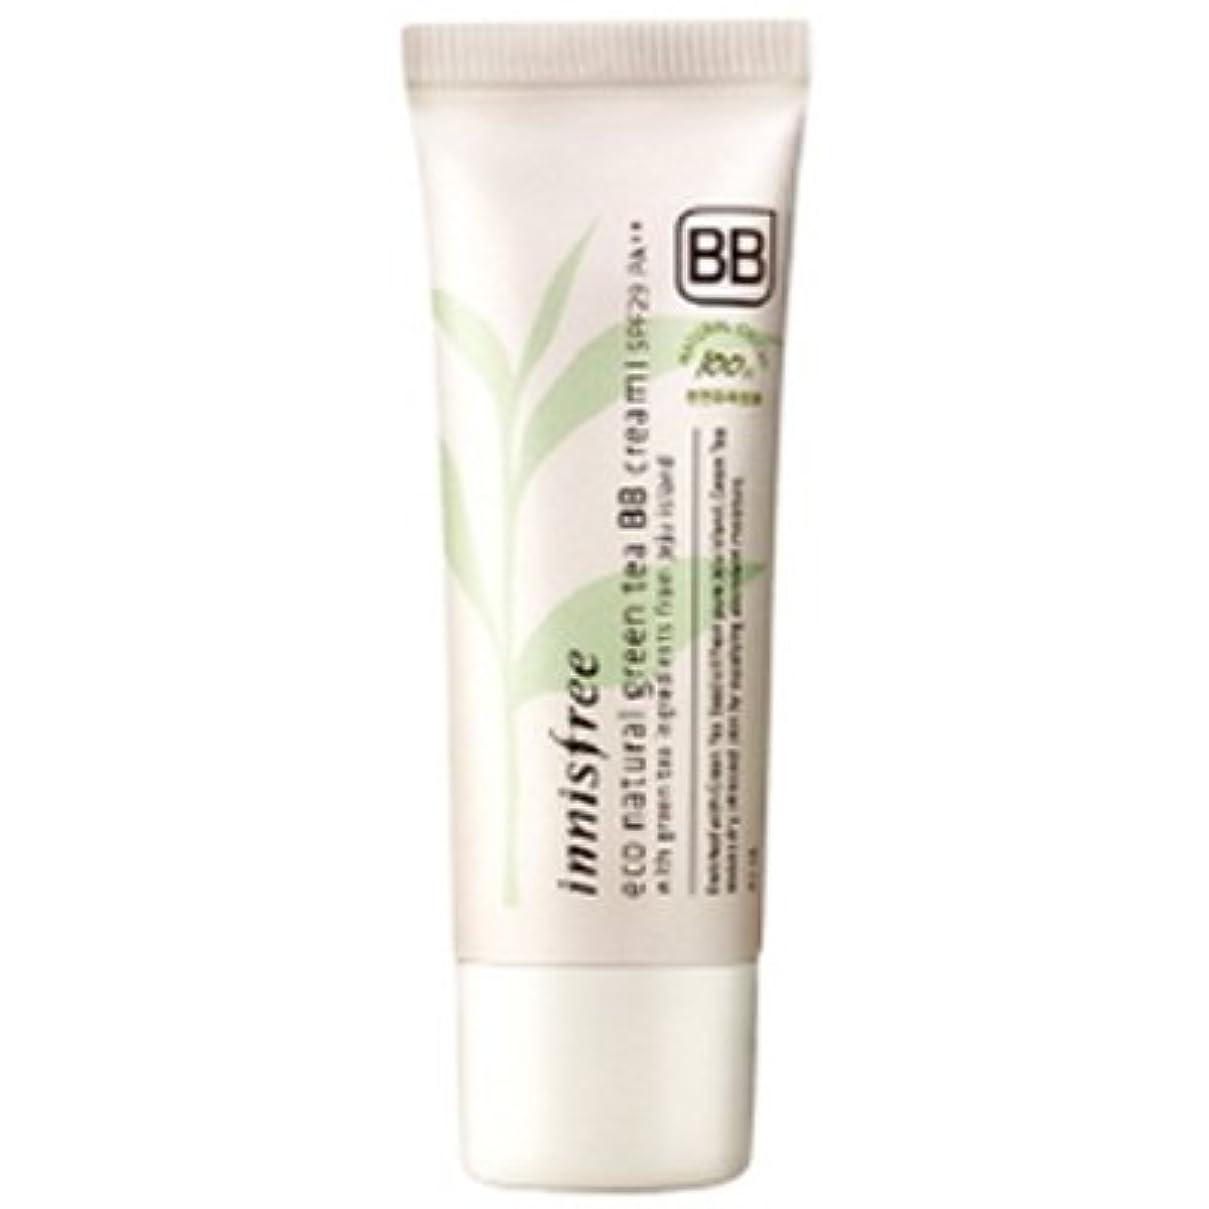 子音指令続編innisfree(イニスフリー) Eco natural green tea BB cream エコ ナチュラル グリーン ティー BB クリーム SPF29/PA++ 40ml #1:ライトベージュ